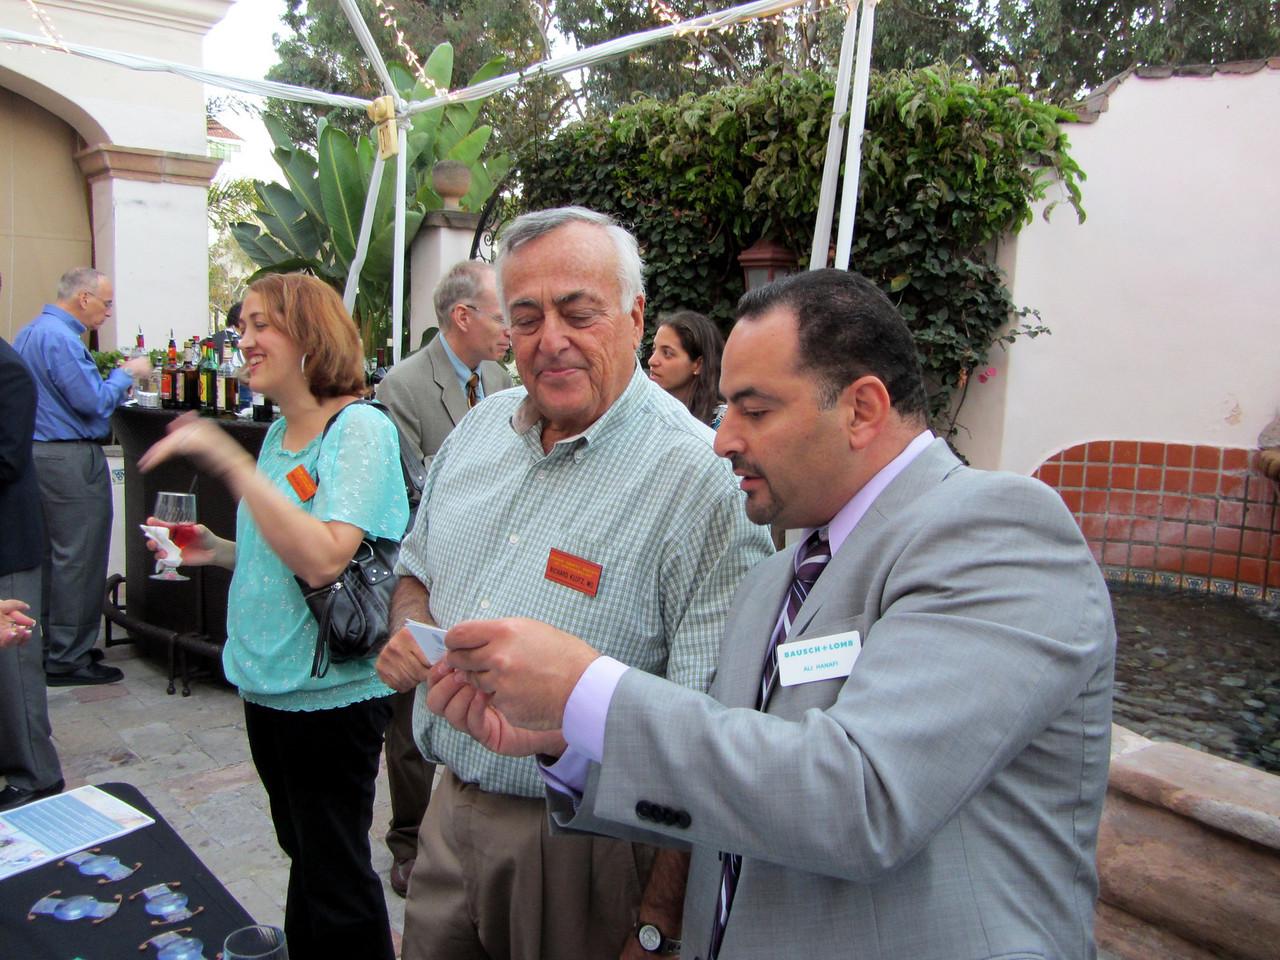 09 Marjan, Dick Klotz, Ali Hanafi from B&L